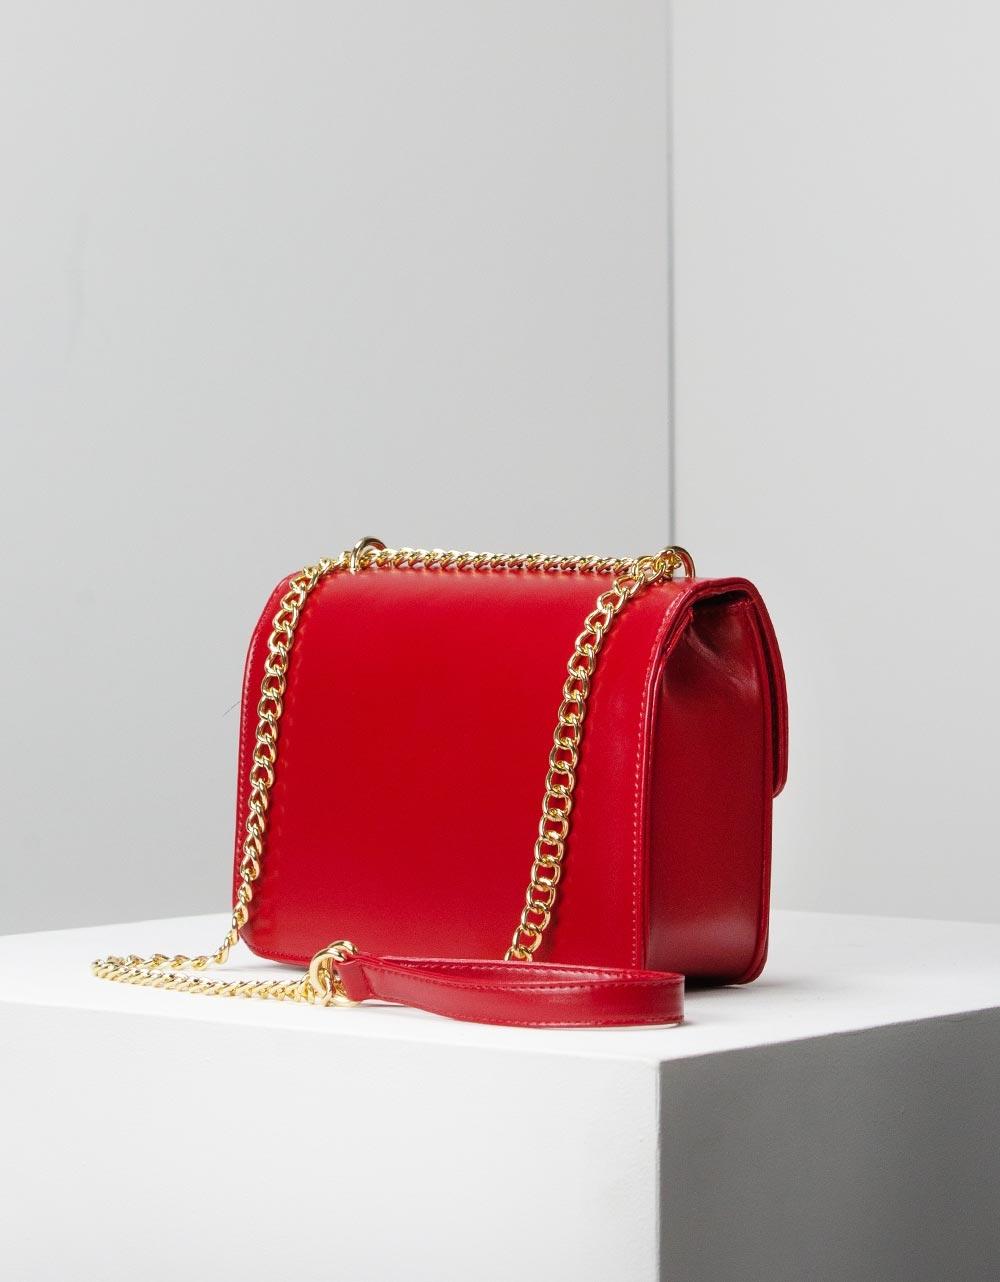 Εικόνα από Γυναικείες τσάντες ώμου μονόχρωμες με αλυσίδα Κόκκινο